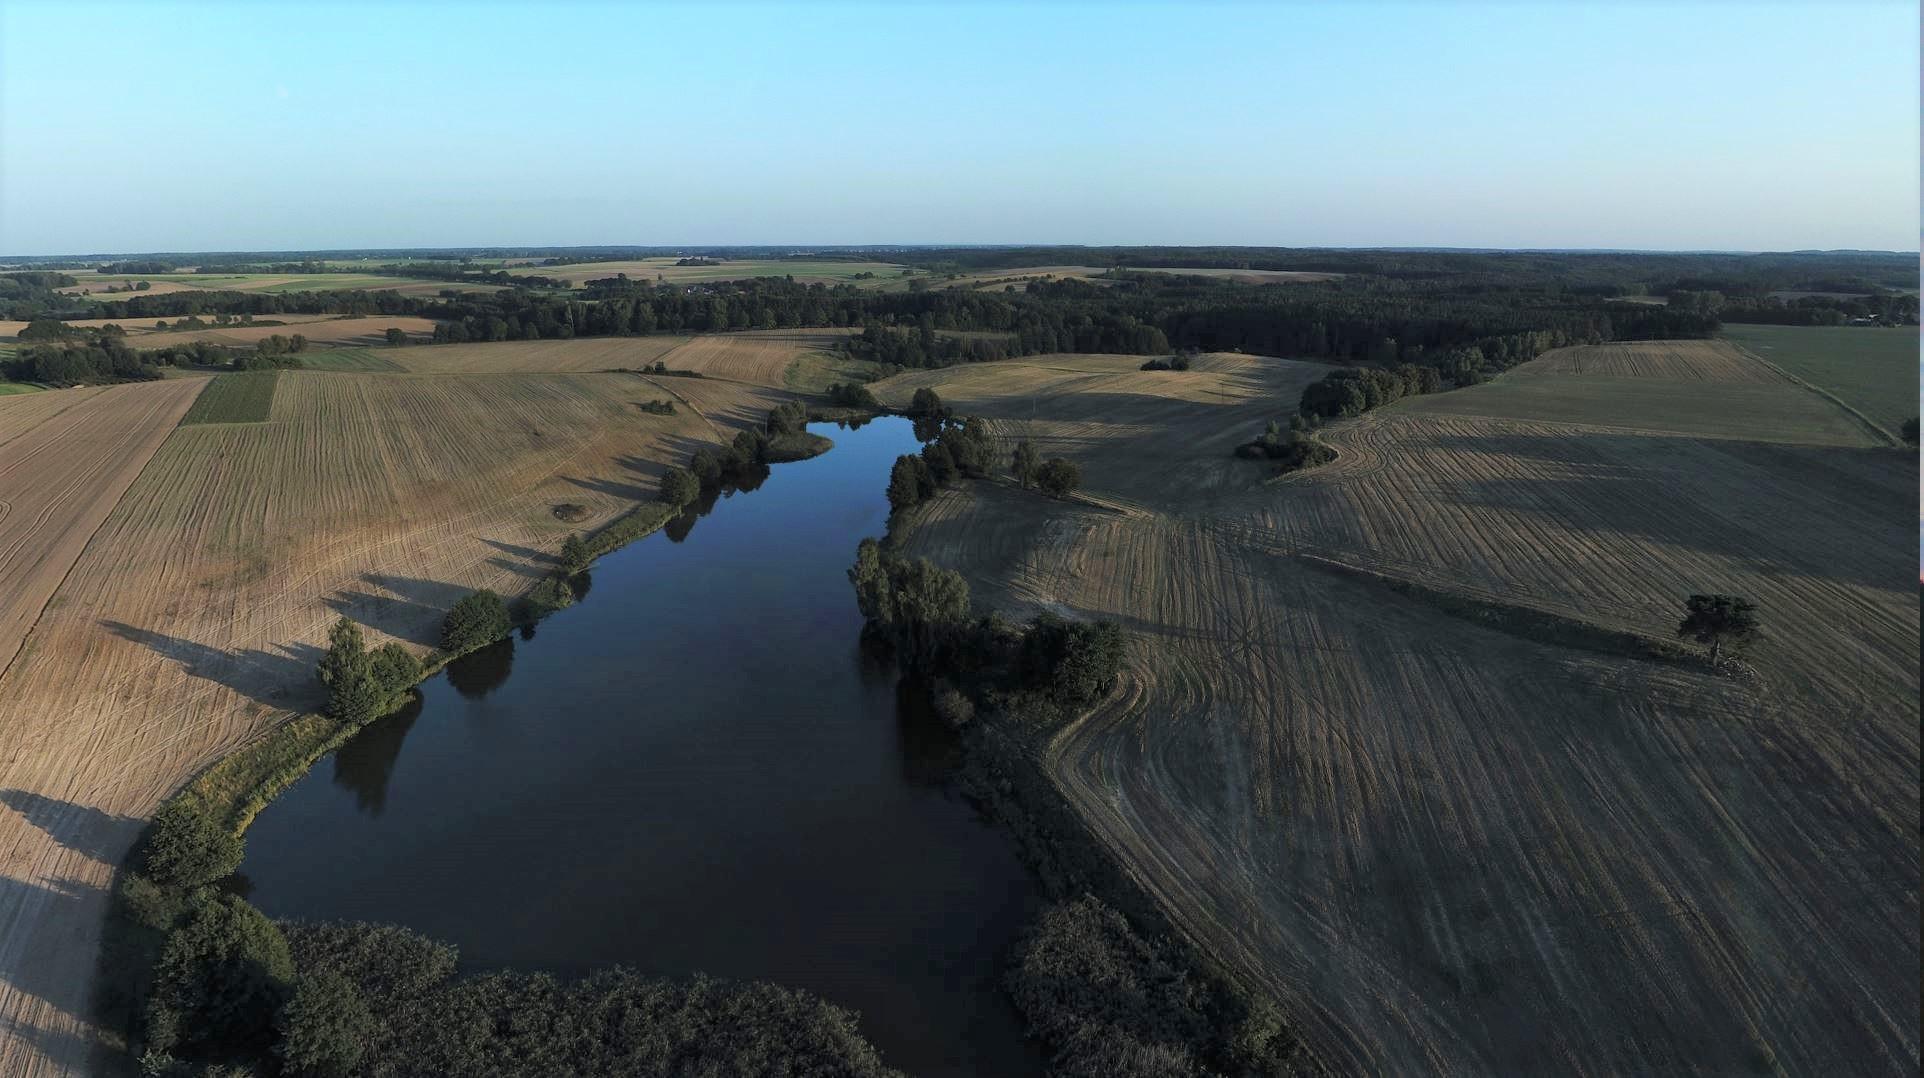 Nowy obszar chronionego krajobrazu w województwie pomorskim